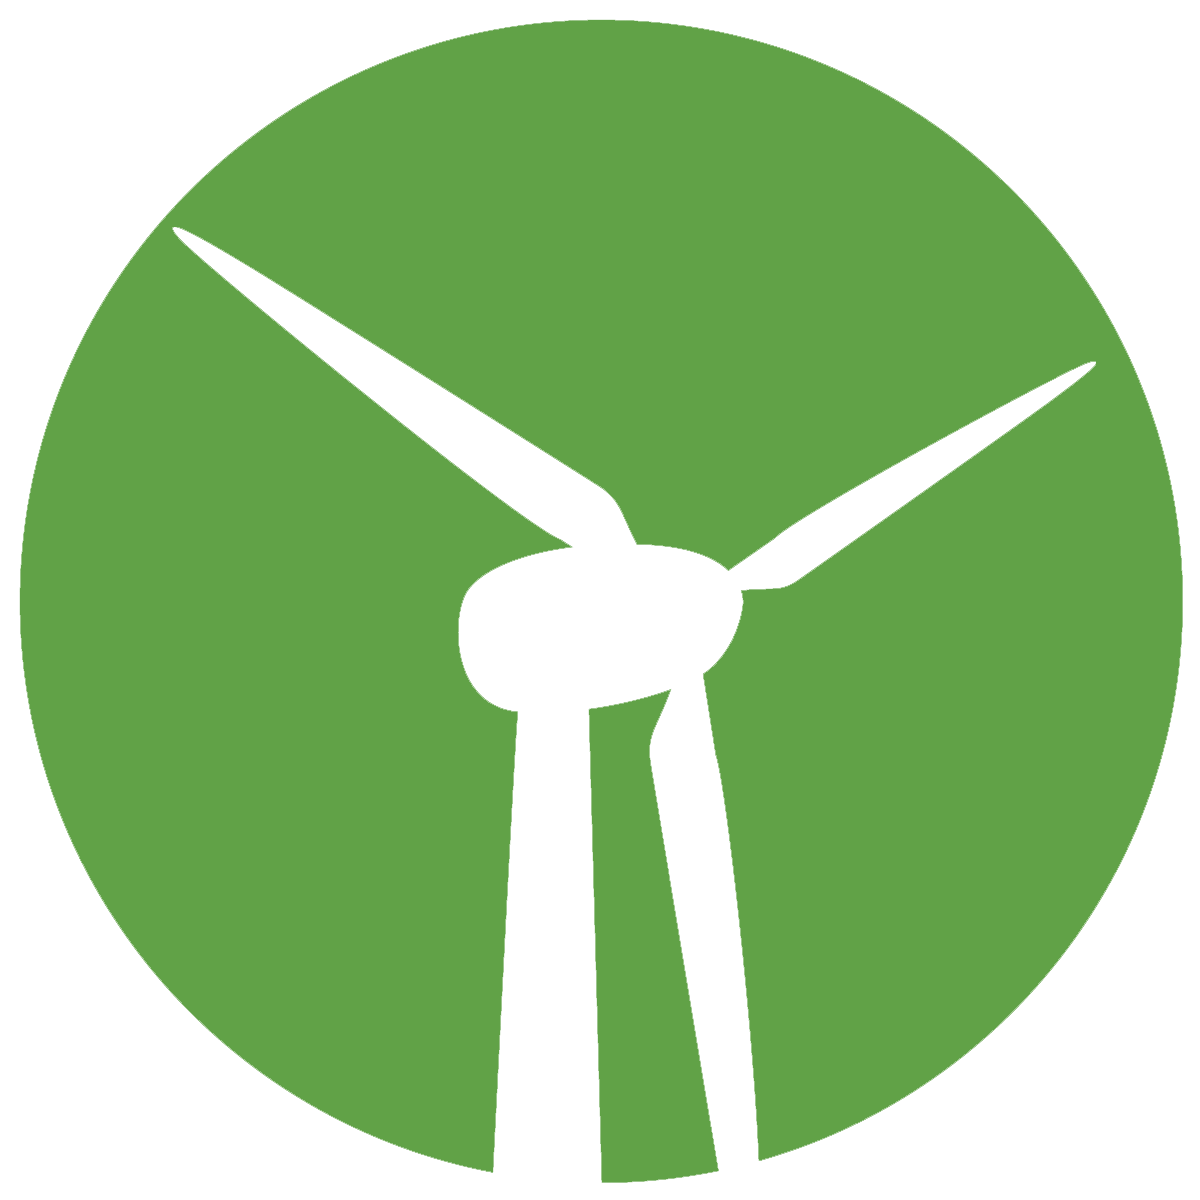 绿色背景上的风力涡轮机图标